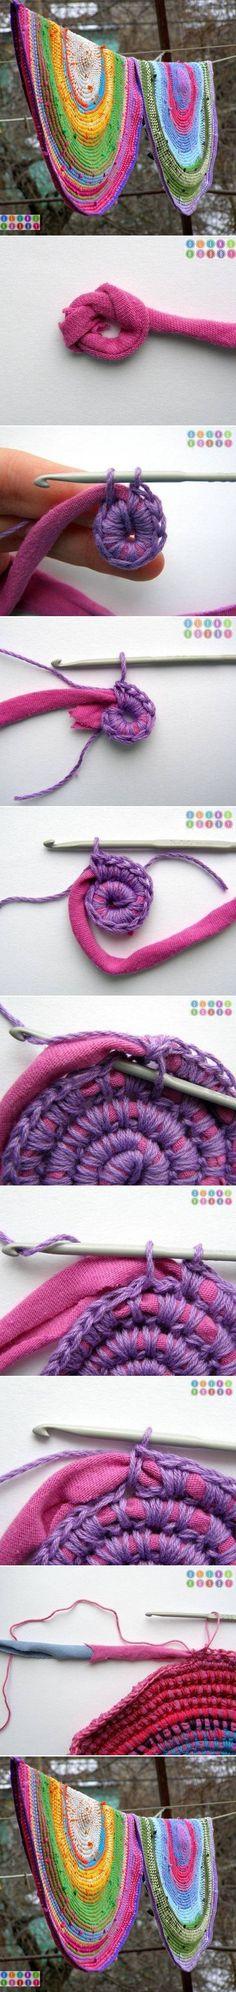 Aus Wolle und alten T-Shirts einen Teppich o. Untersetzer o. ä. häkeln - DIY Old T shirt Crochet Rug: